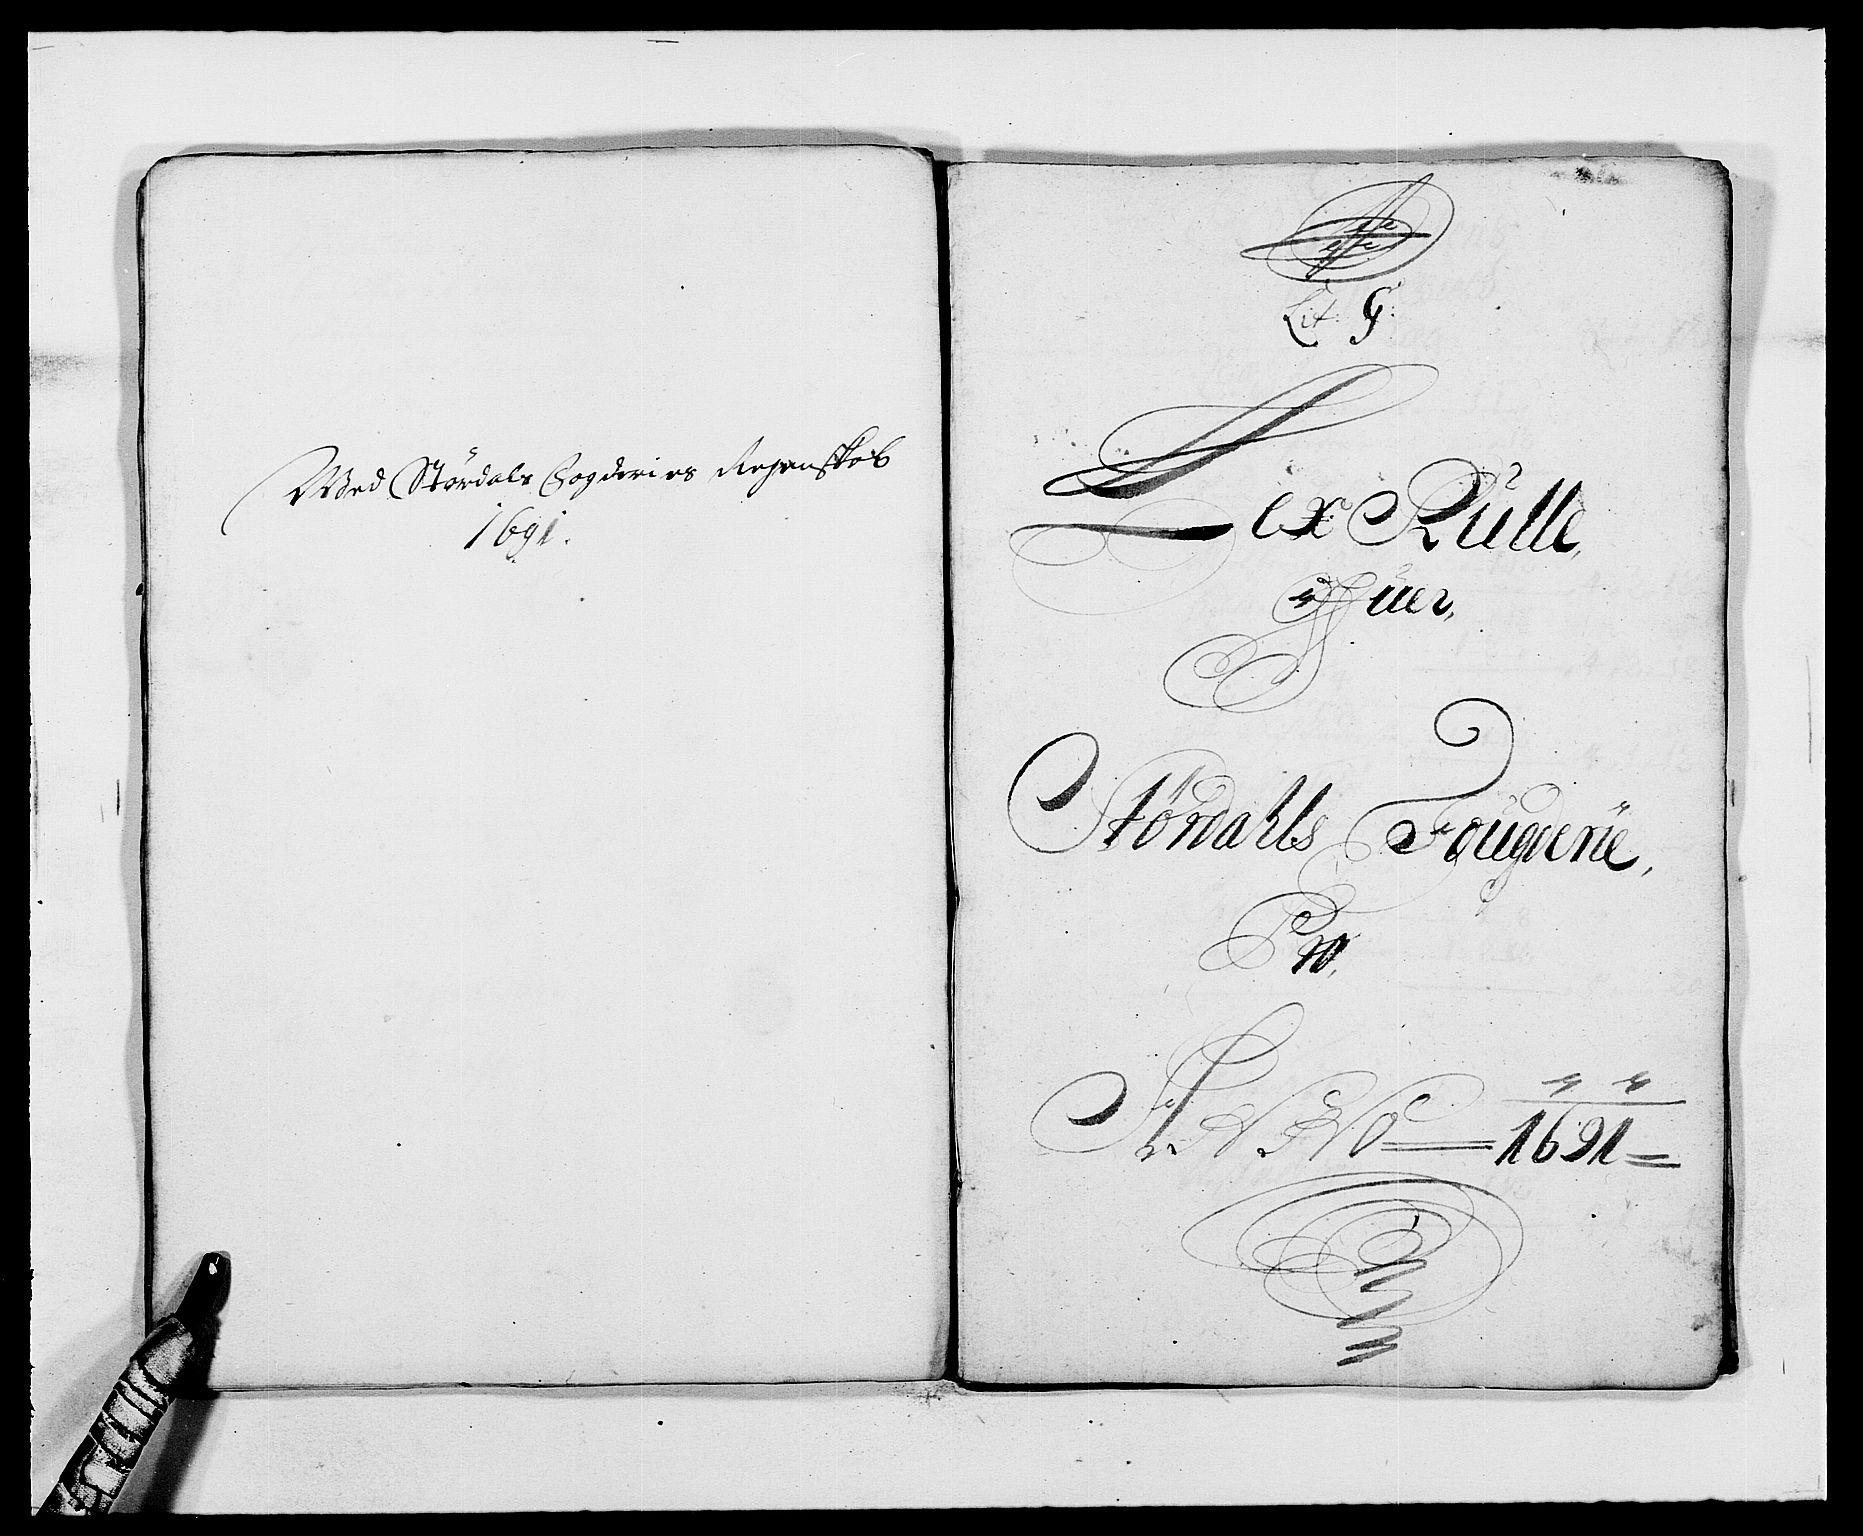 RA, Rentekammeret inntil 1814, Reviderte regnskaper, Fogderegnskap, R62/L4184: Fogderegnskap Stjørdal og Verdal, 1690-1691, s. 332